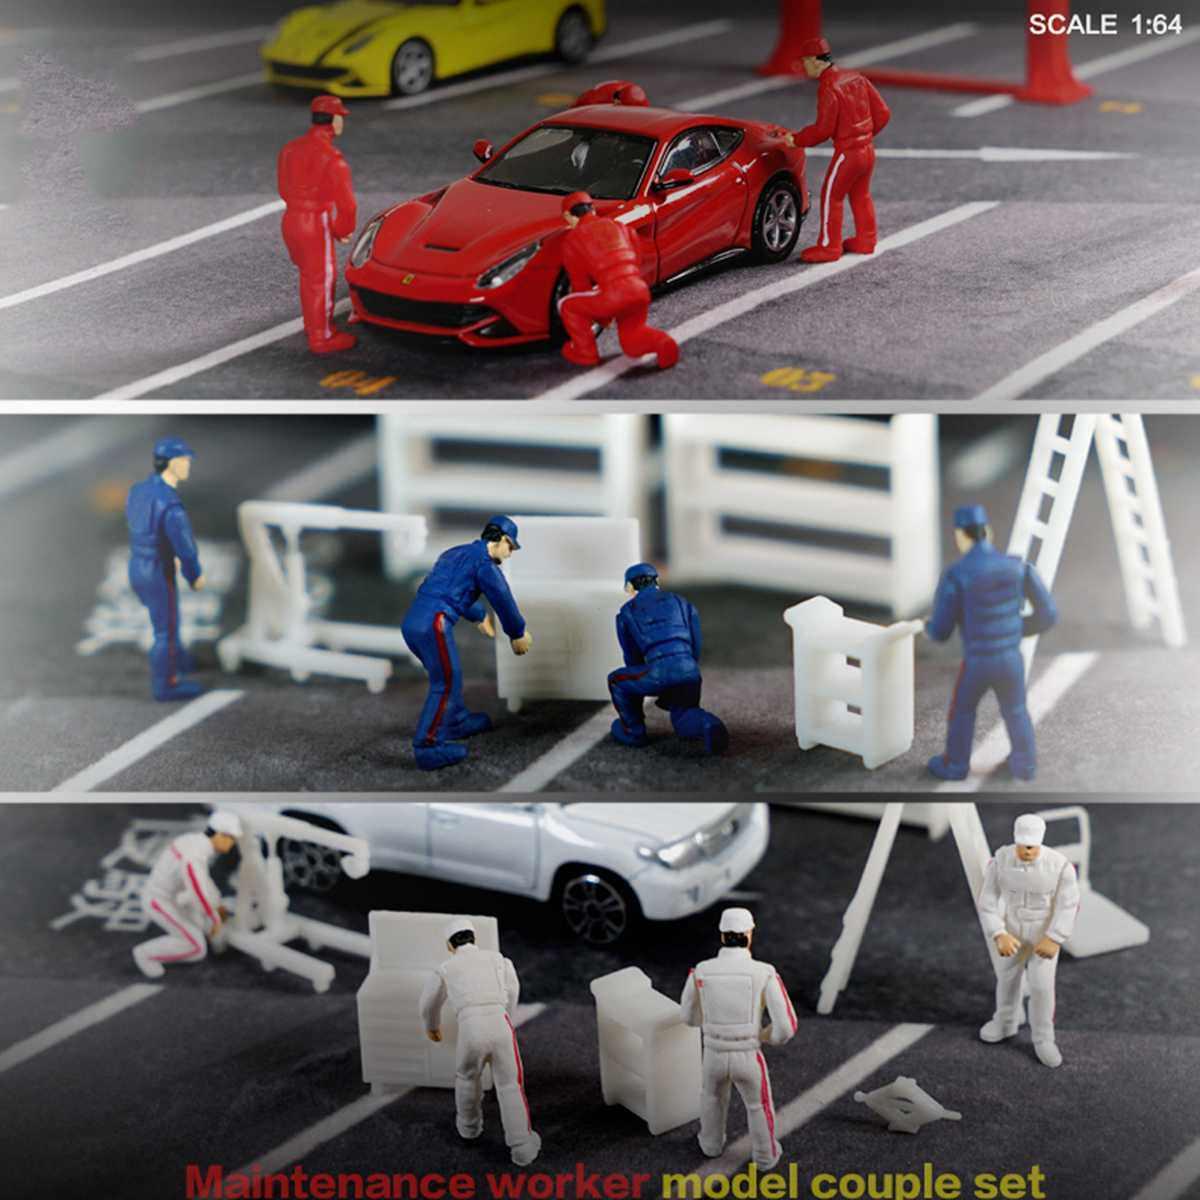 1: 64 Auto Tukang Orang Pria untuk Race Medali Teknisi Perbaikan Model Skenario Kotak Korek Api Teknisi Tukang Model